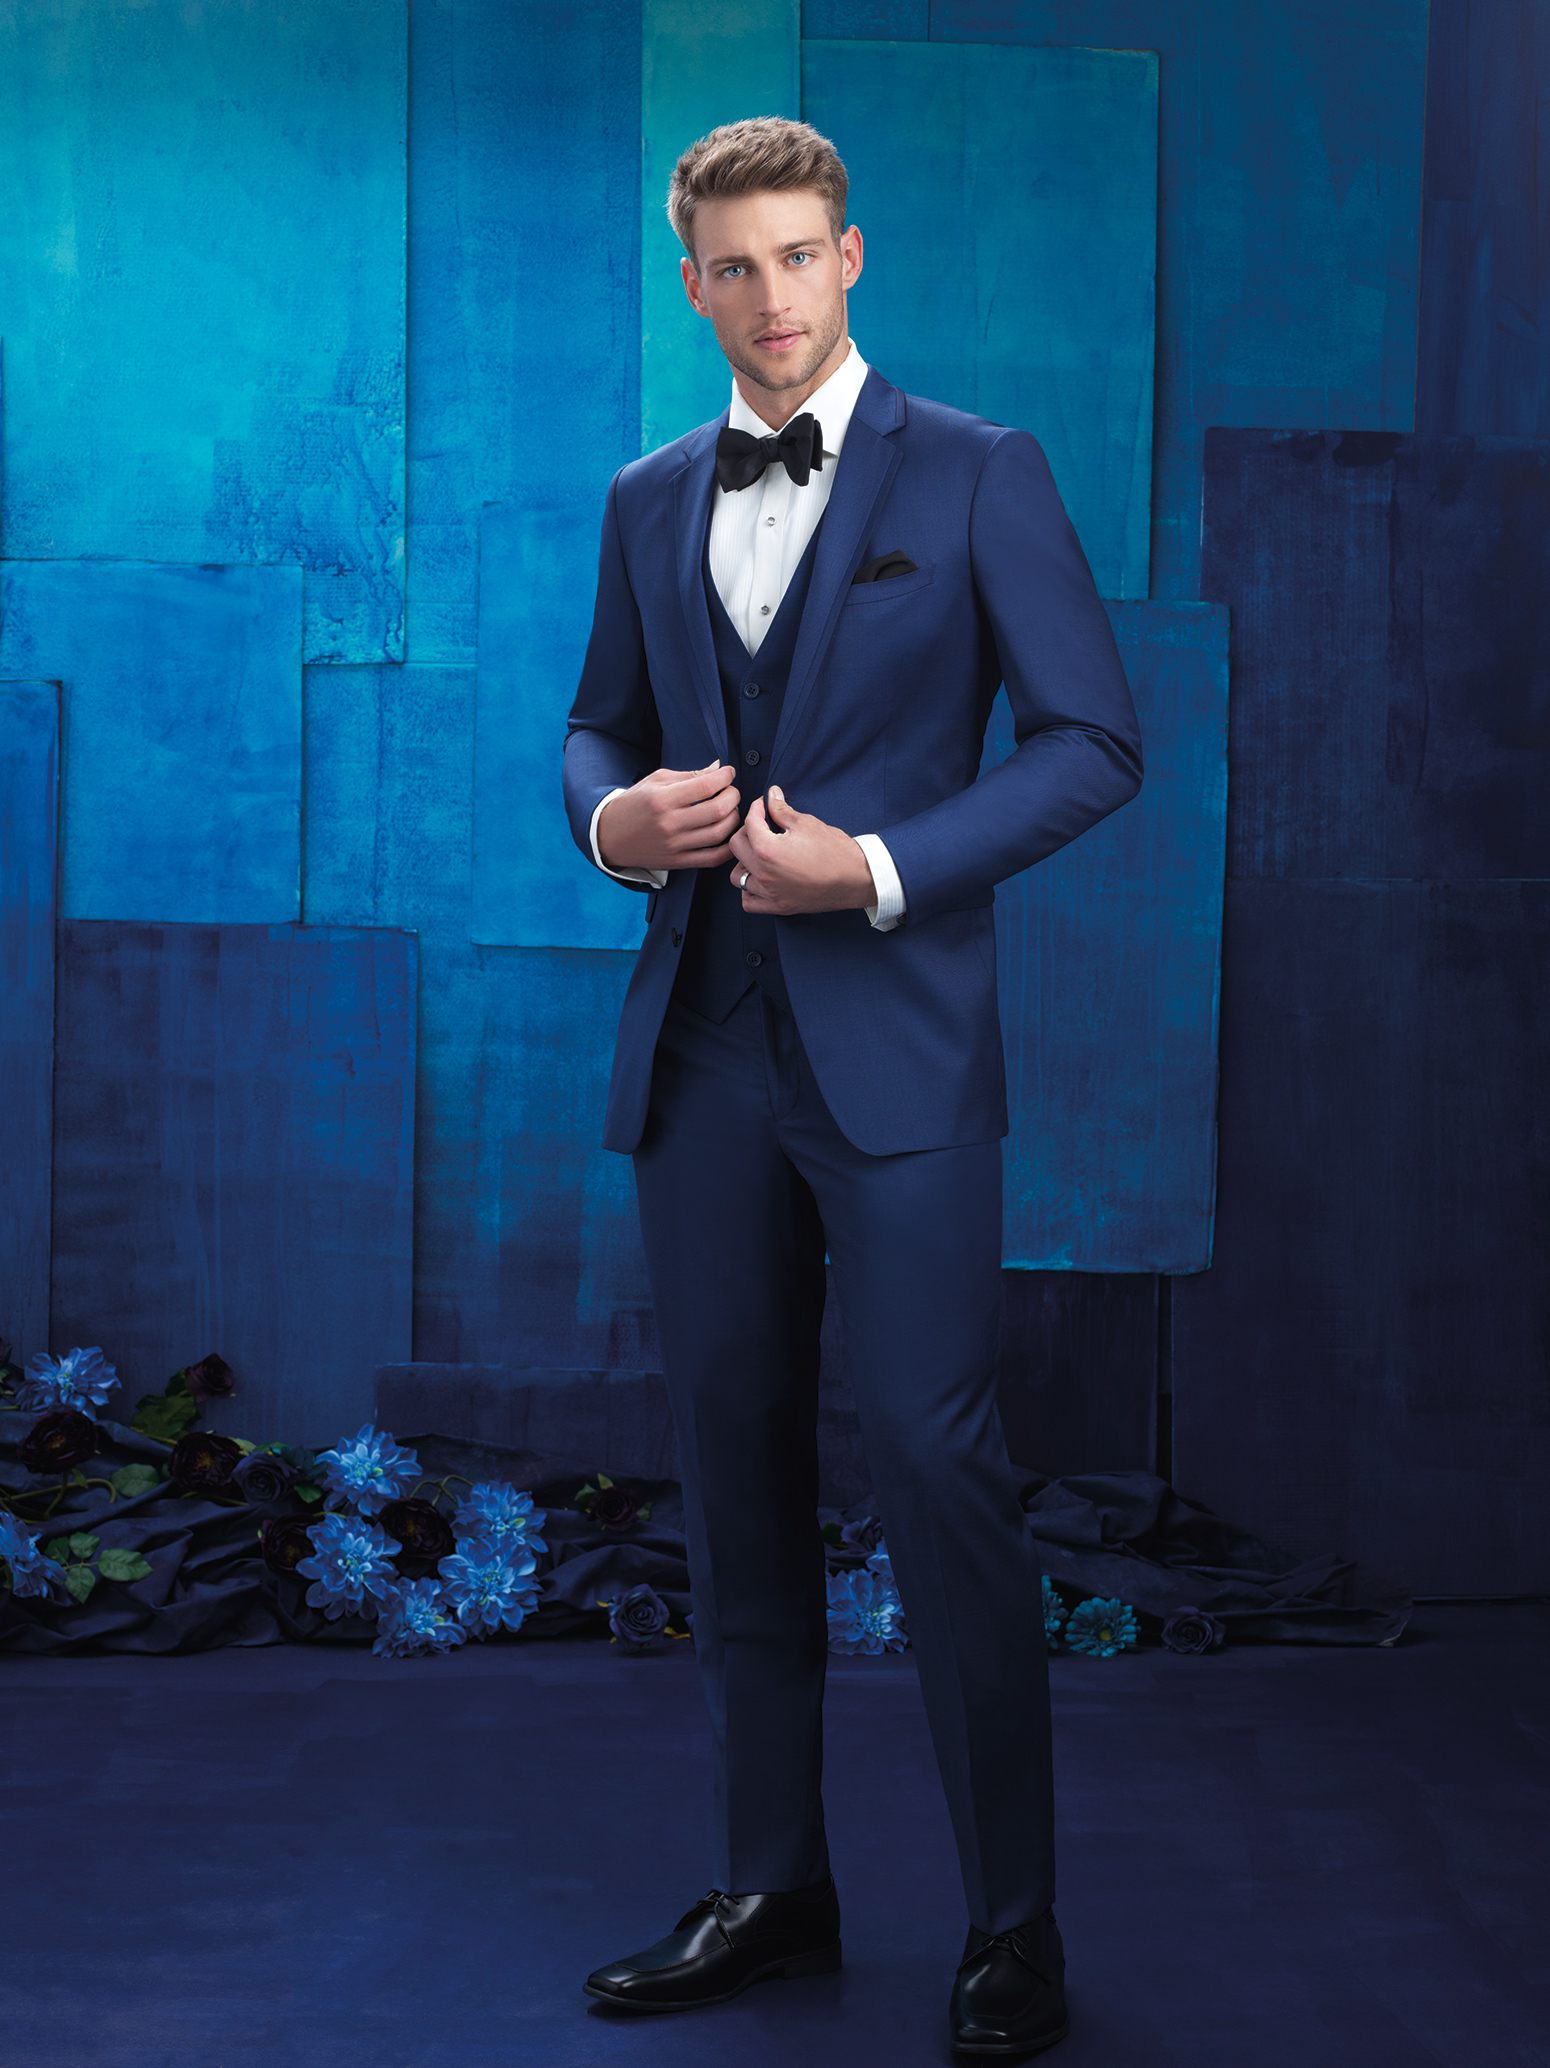 Black suit and blue tie